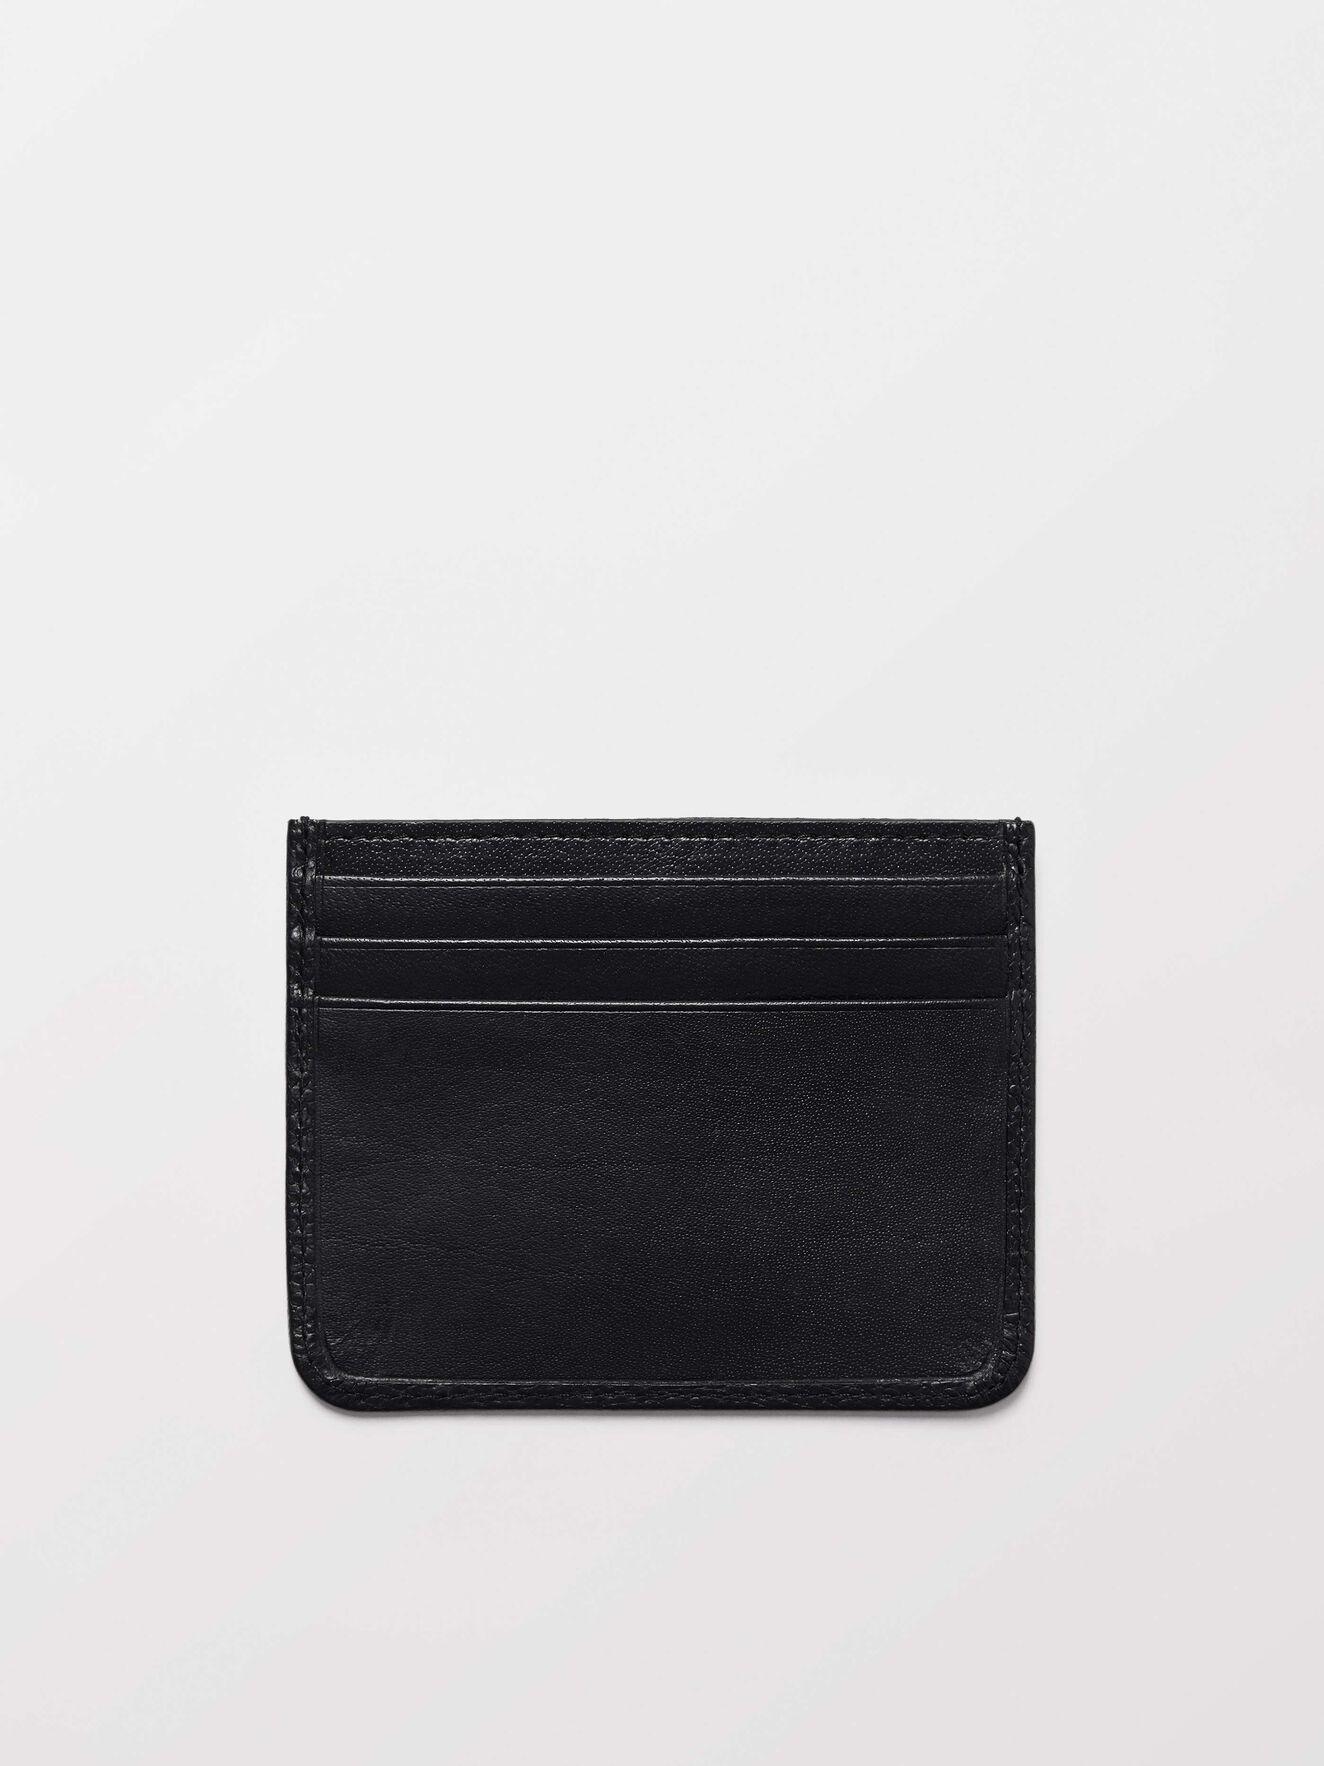 Gleizes Card Holder in Black from Tiger of Sweden